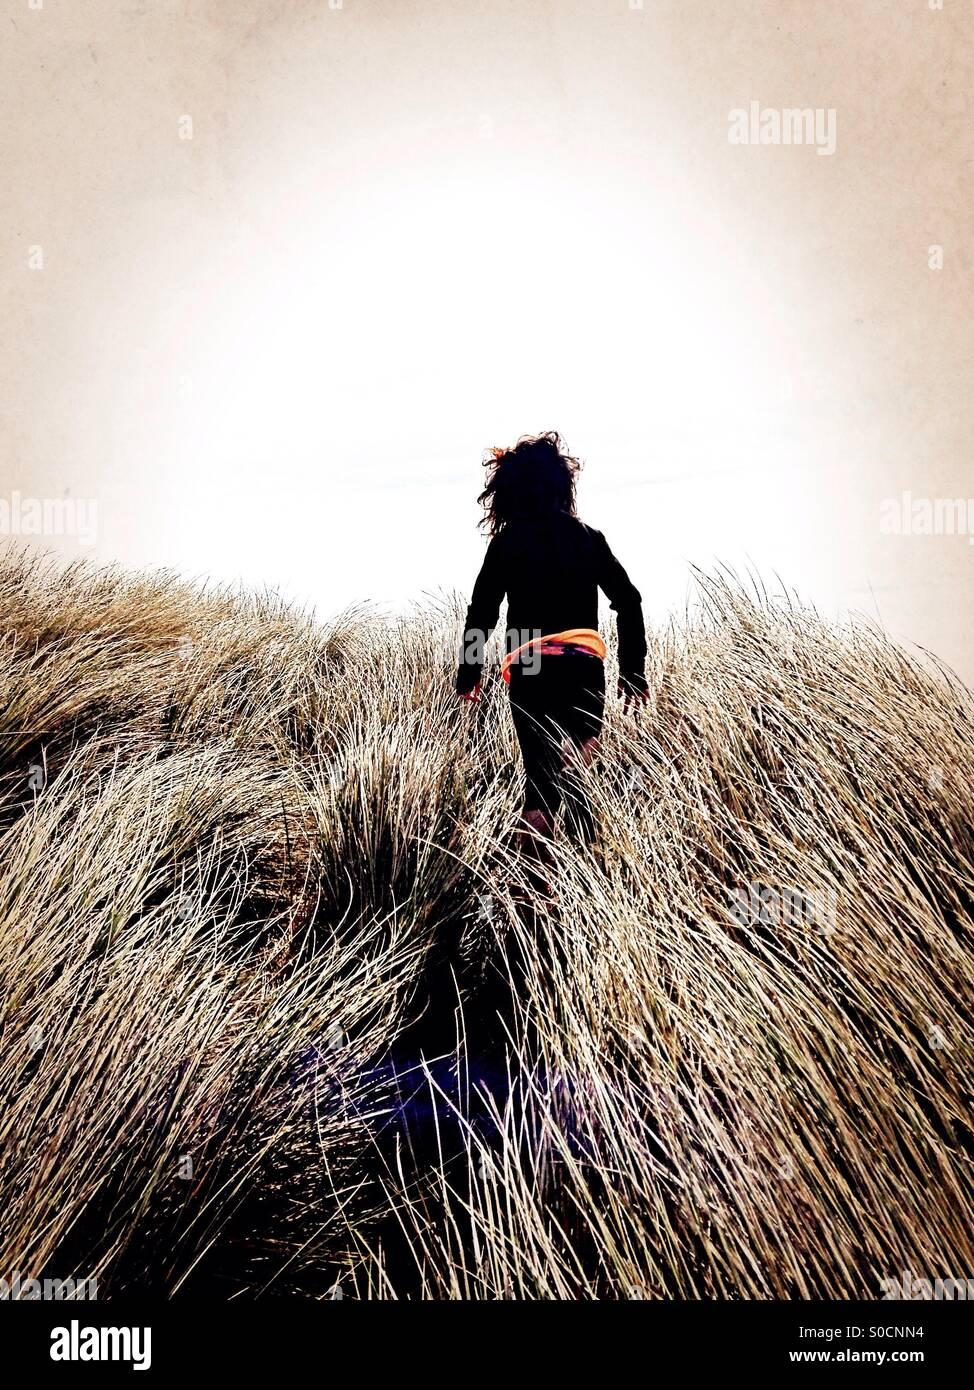 Ein kleines Mädchen zu Fuß in hohe Gräser. Stockbild